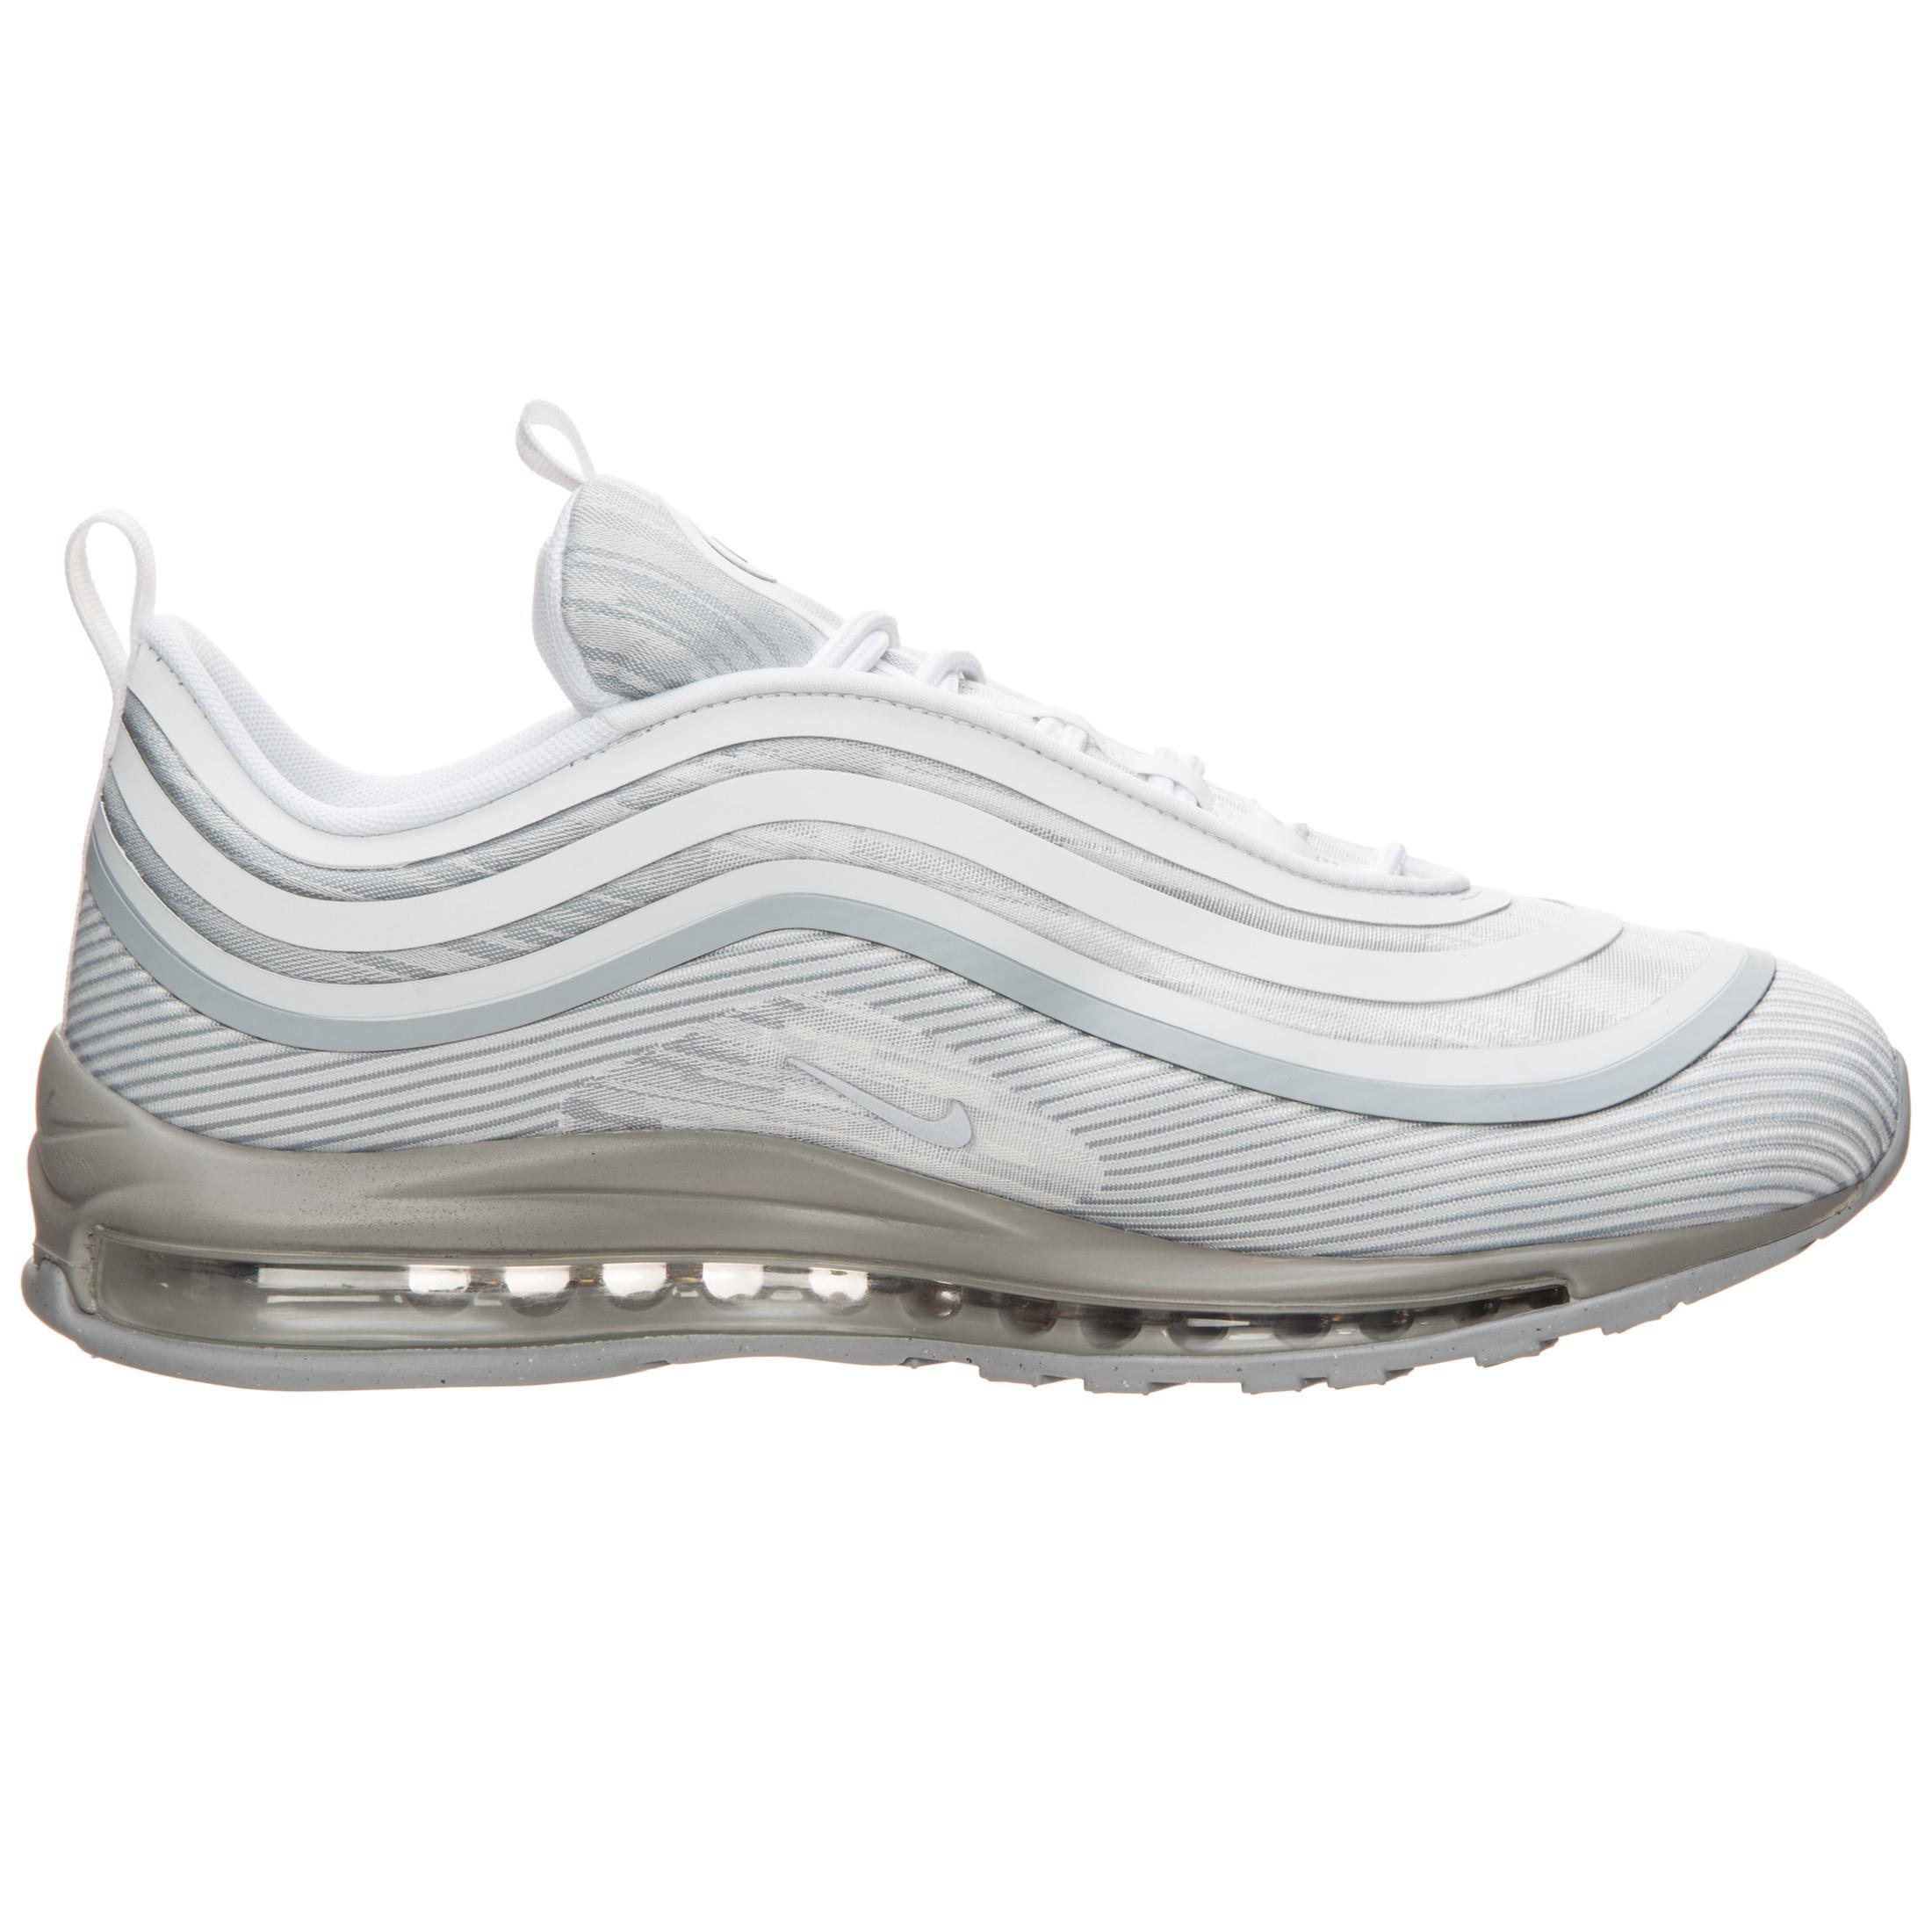 Nike Air Max 97 Ultra Light Sneaker Herren hellgrau weiß im Online Shop von SportScheck kaufen